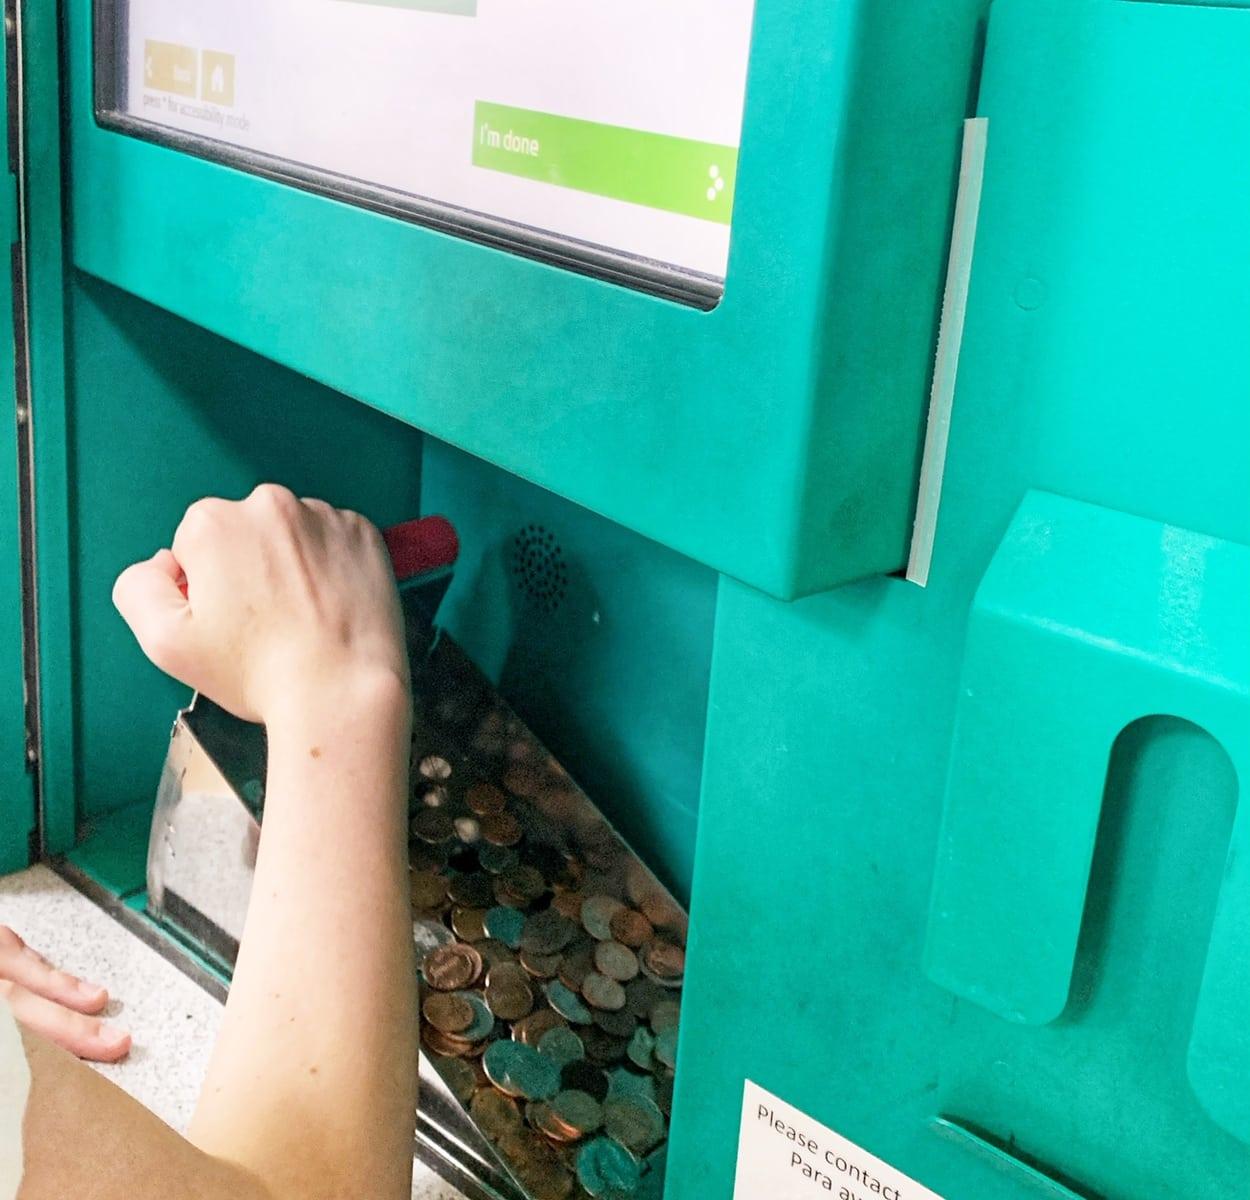 coinstar exchange